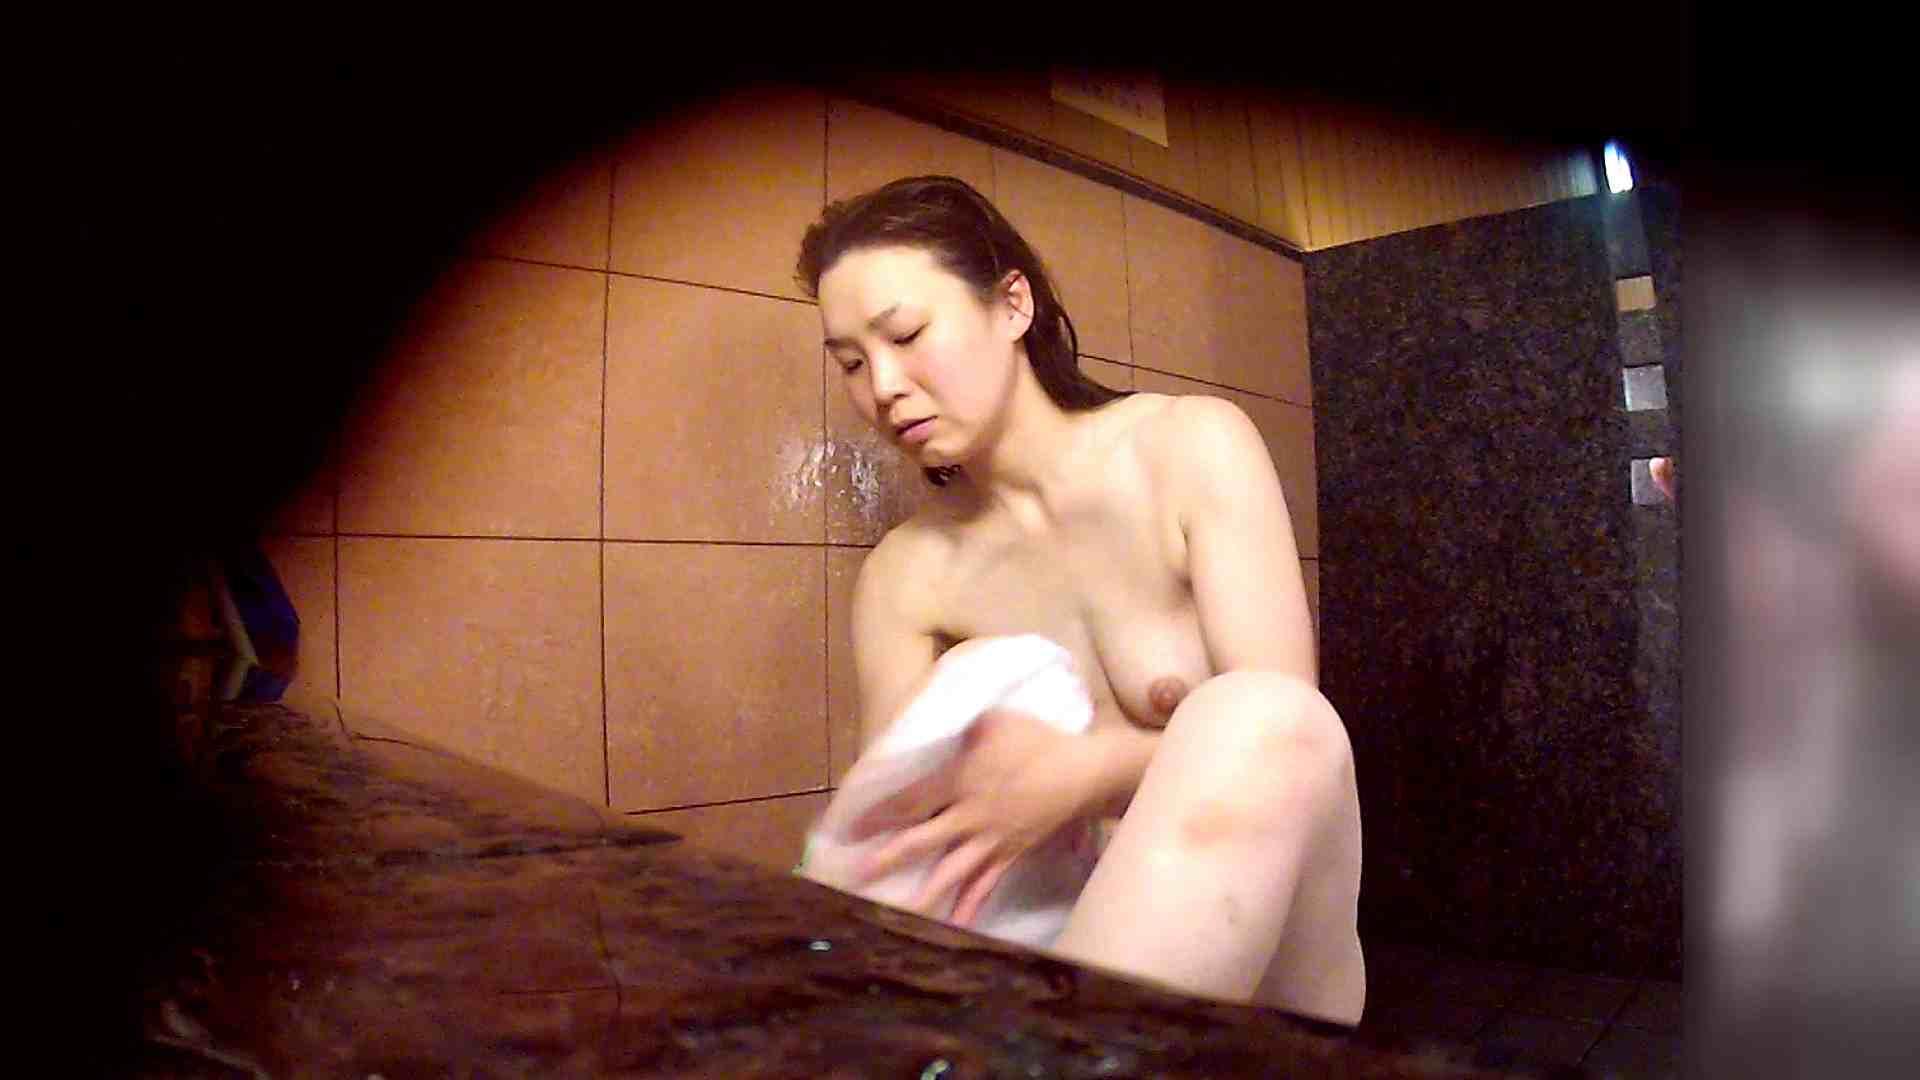 洗い場!マッスルお嬢さん!でもオッパイだけは柔らかそうです。 銭湯 性交動画流出 30連発 7